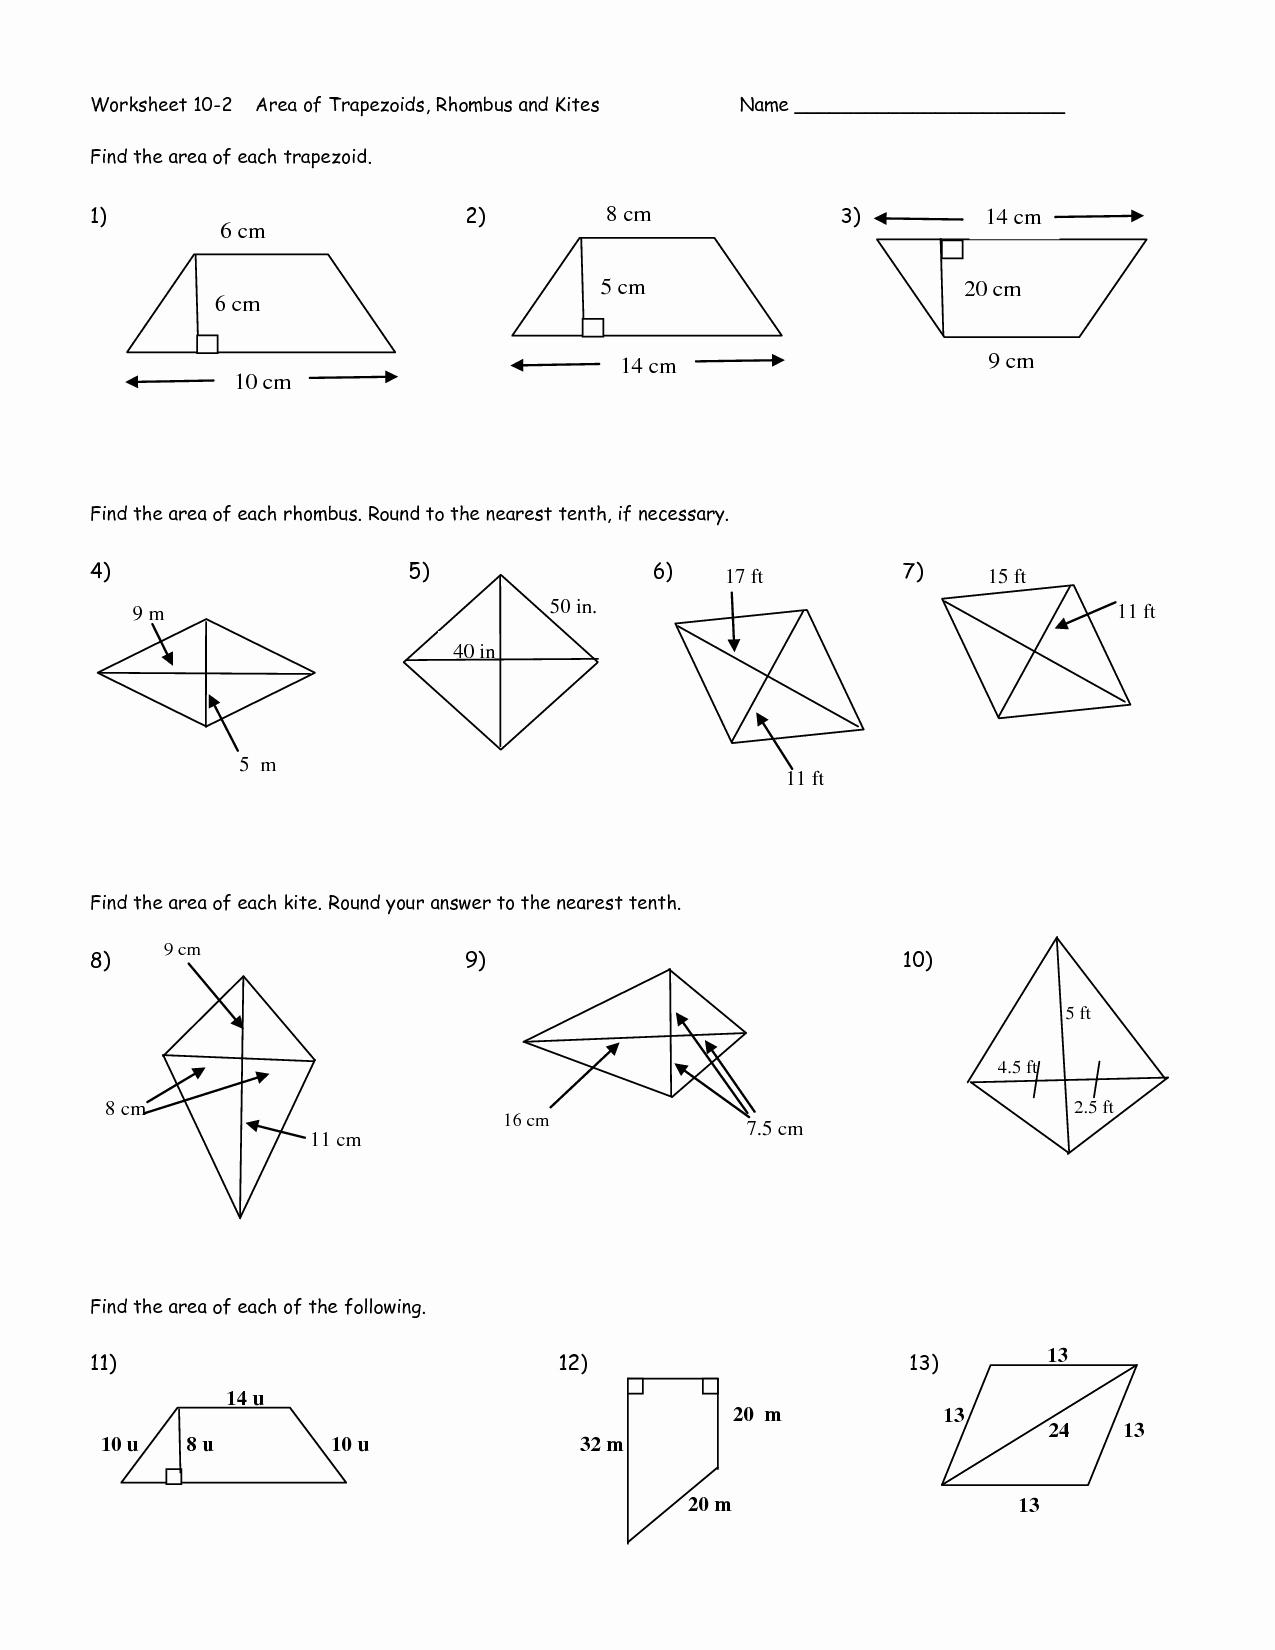 Area Of Rhombus Worksheet New 12 Best Of Trap and Kites Worksheet Geometry